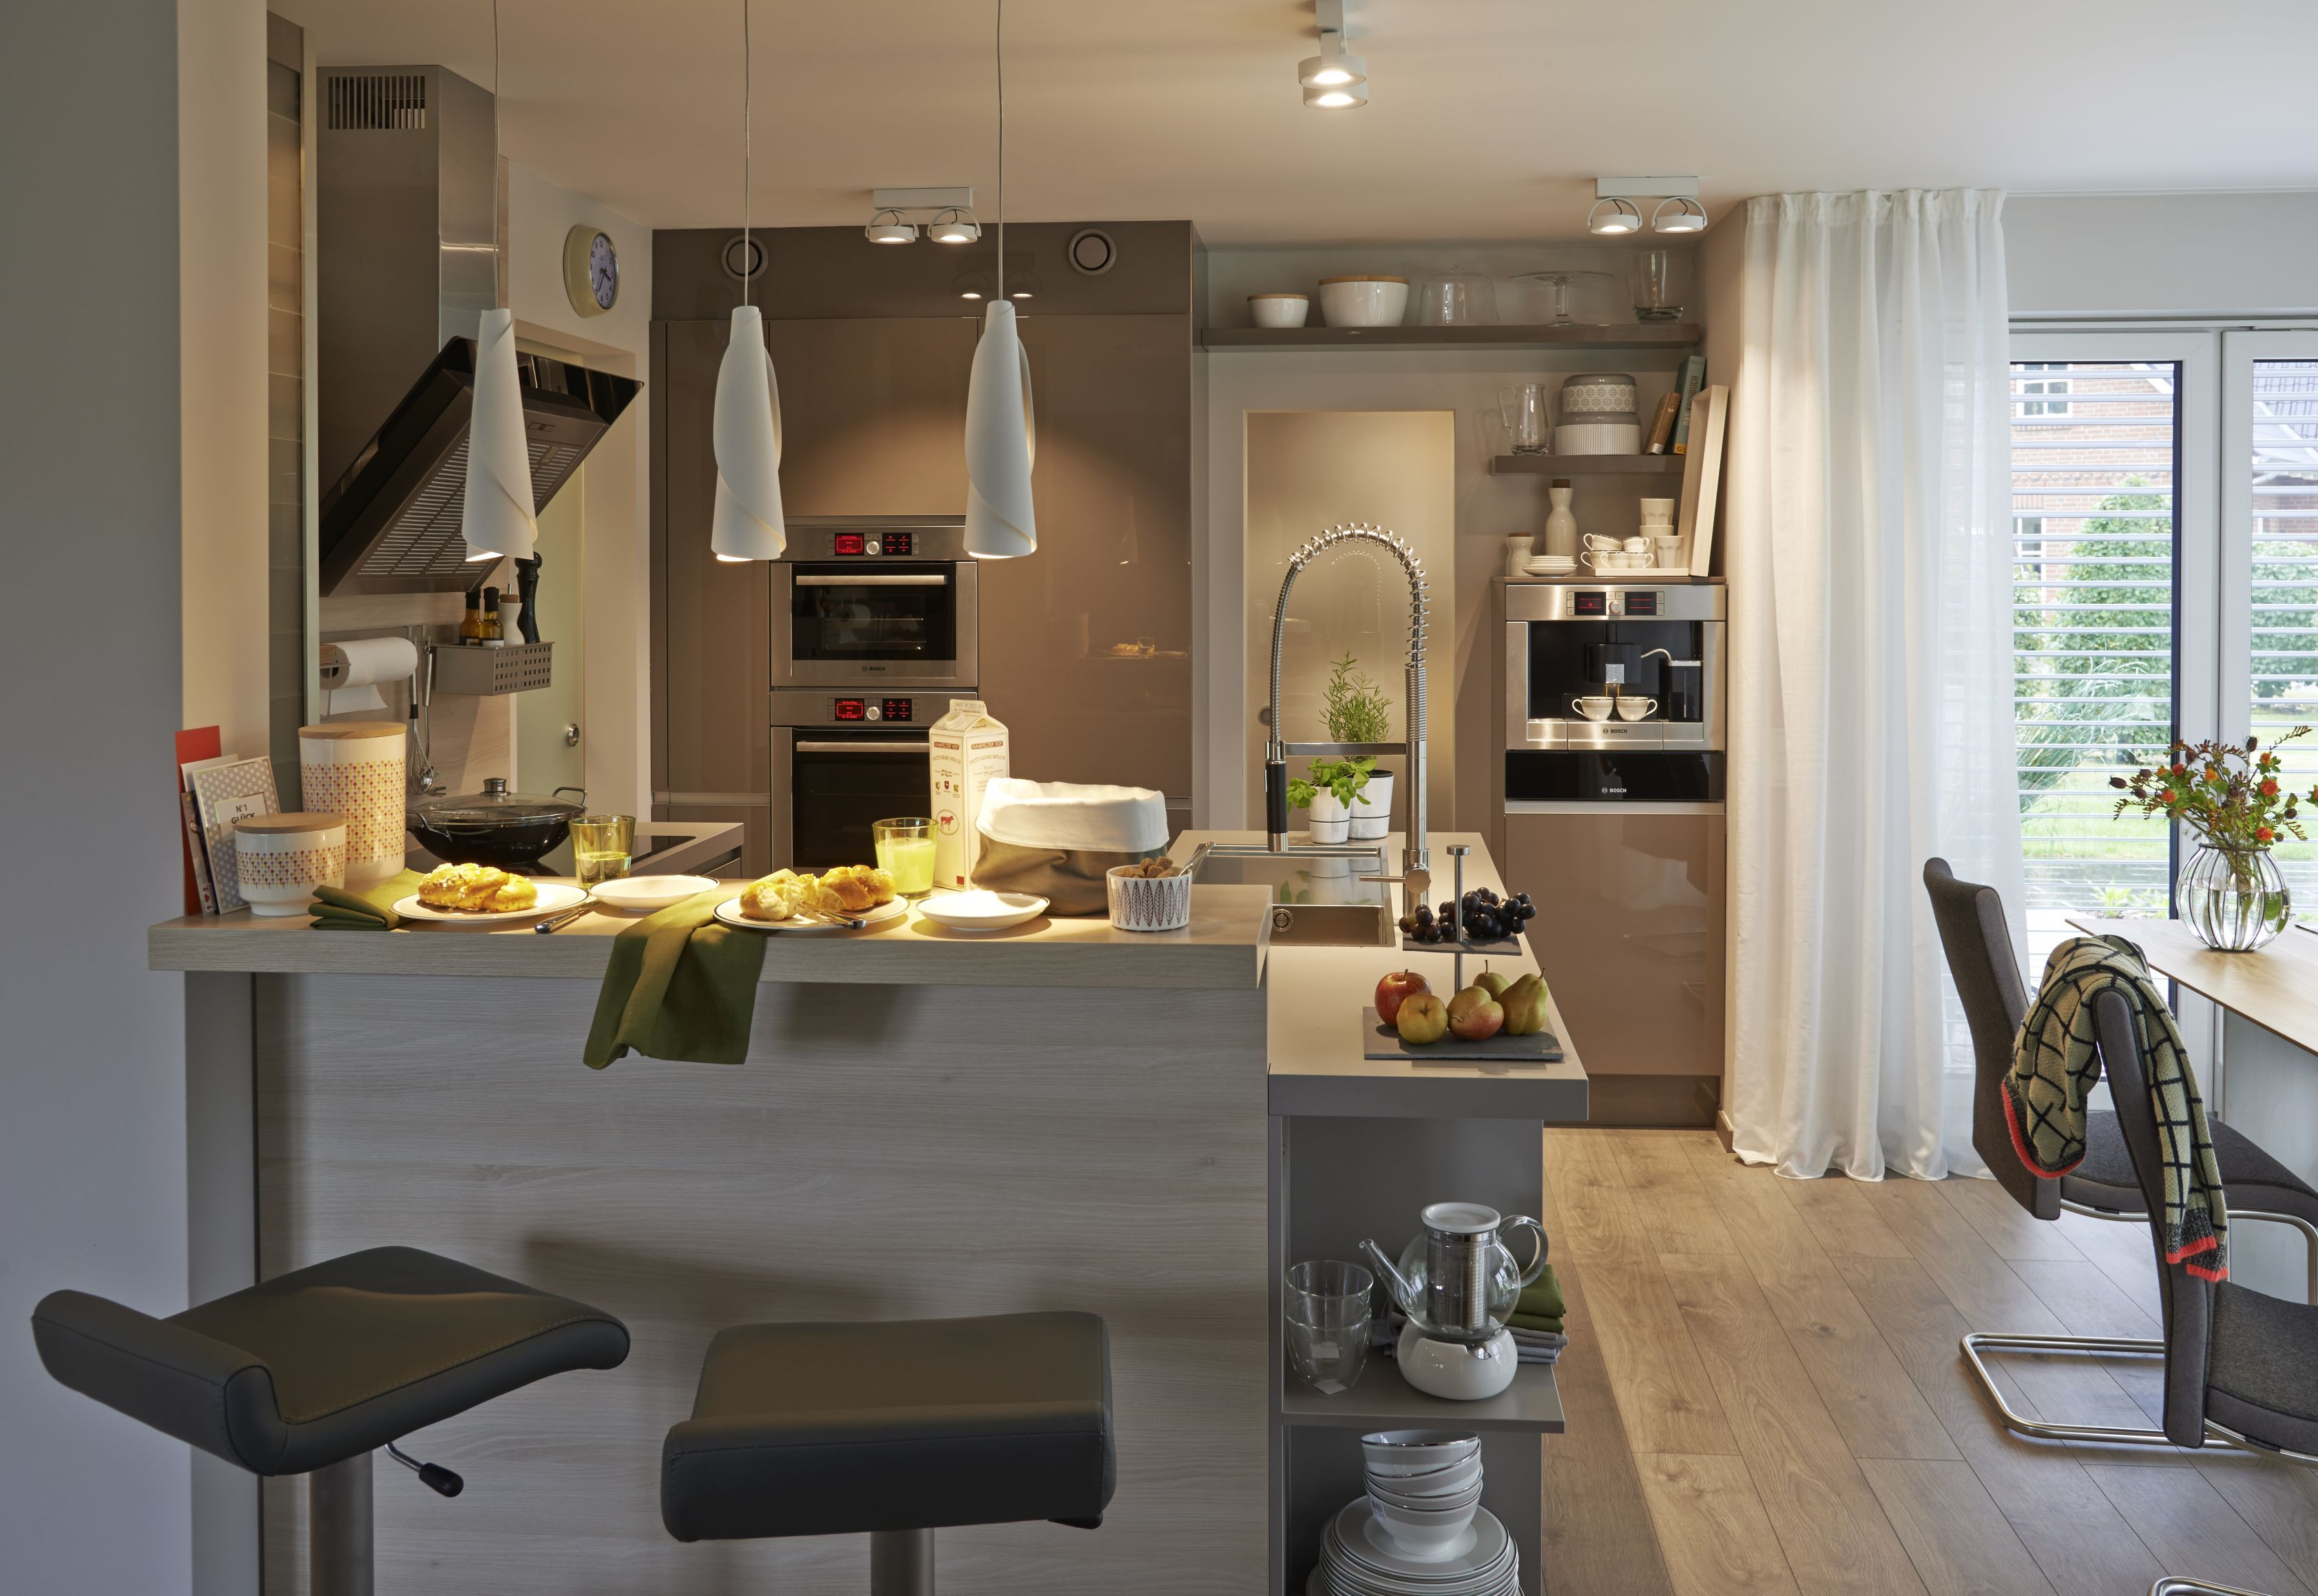 Pin von >>Anica<< auf Küche | Pinterest | Viebrockhaus, Wohnideen ...